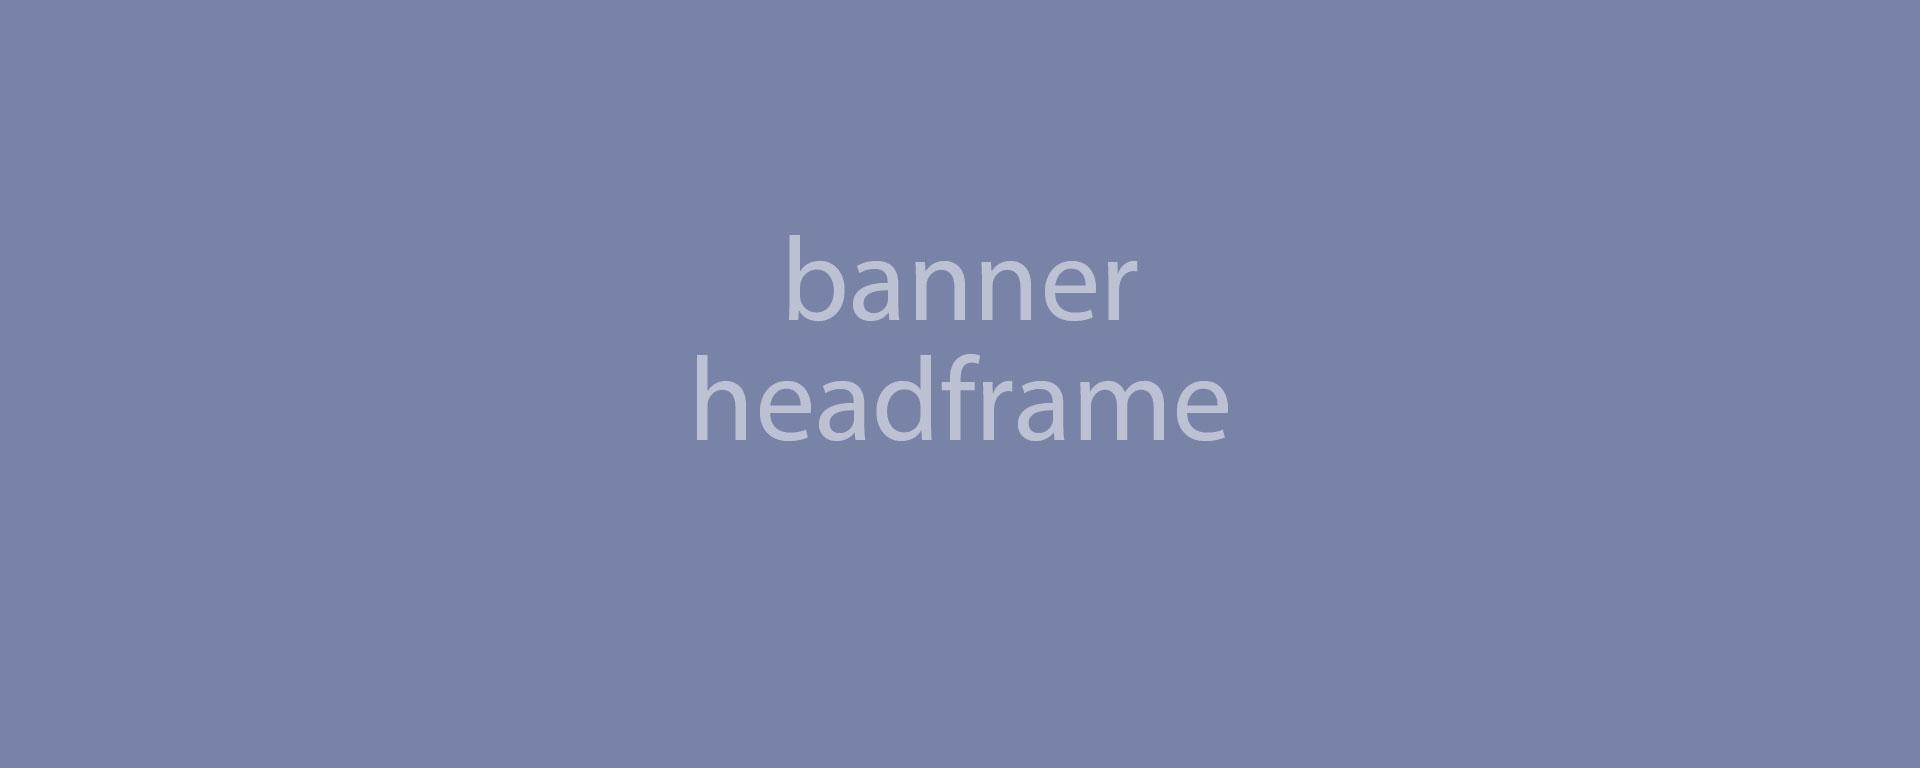 Headframe